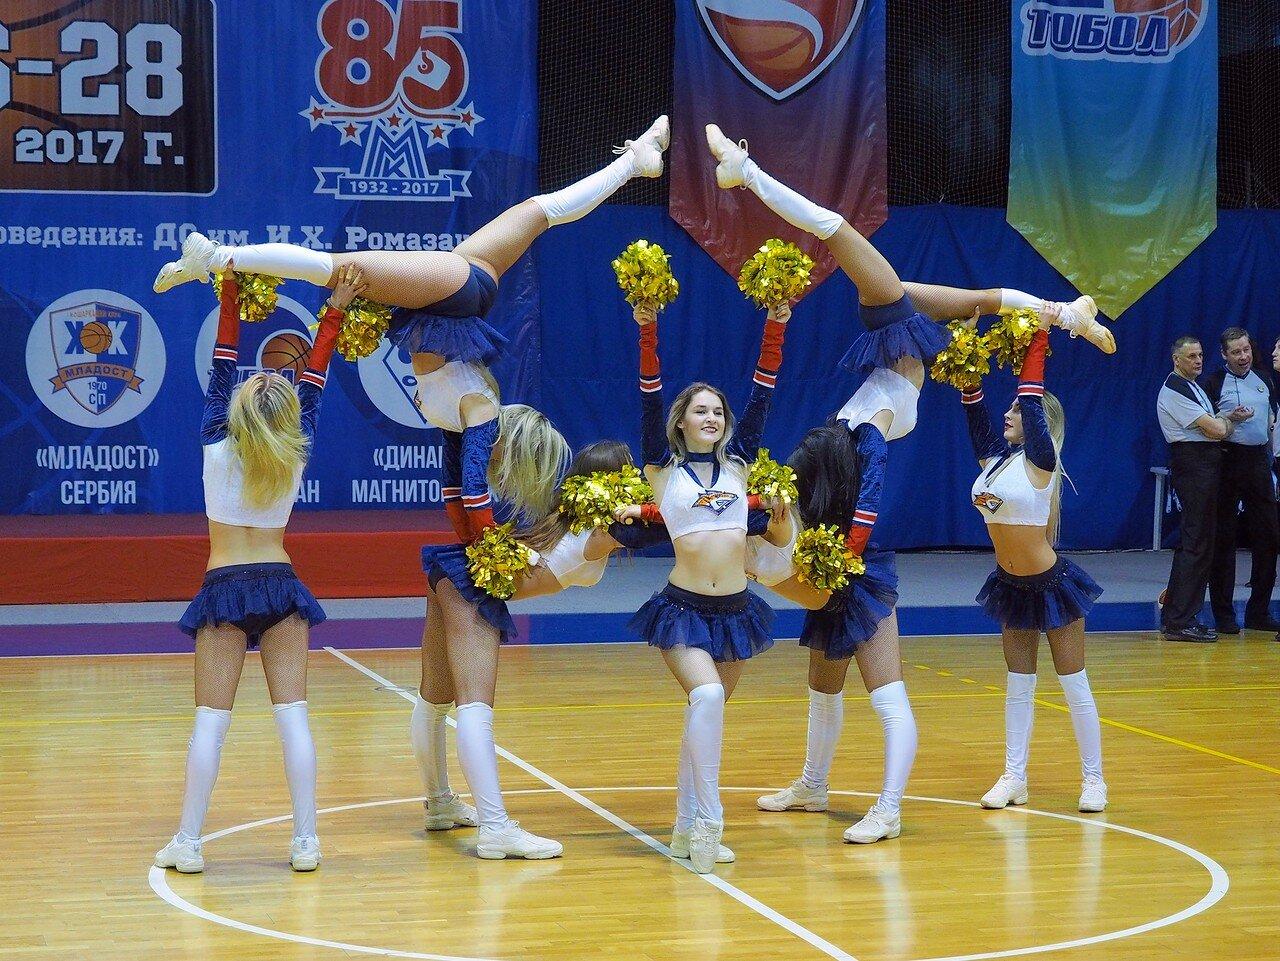 88 Младост - Динамо 28.05.2017